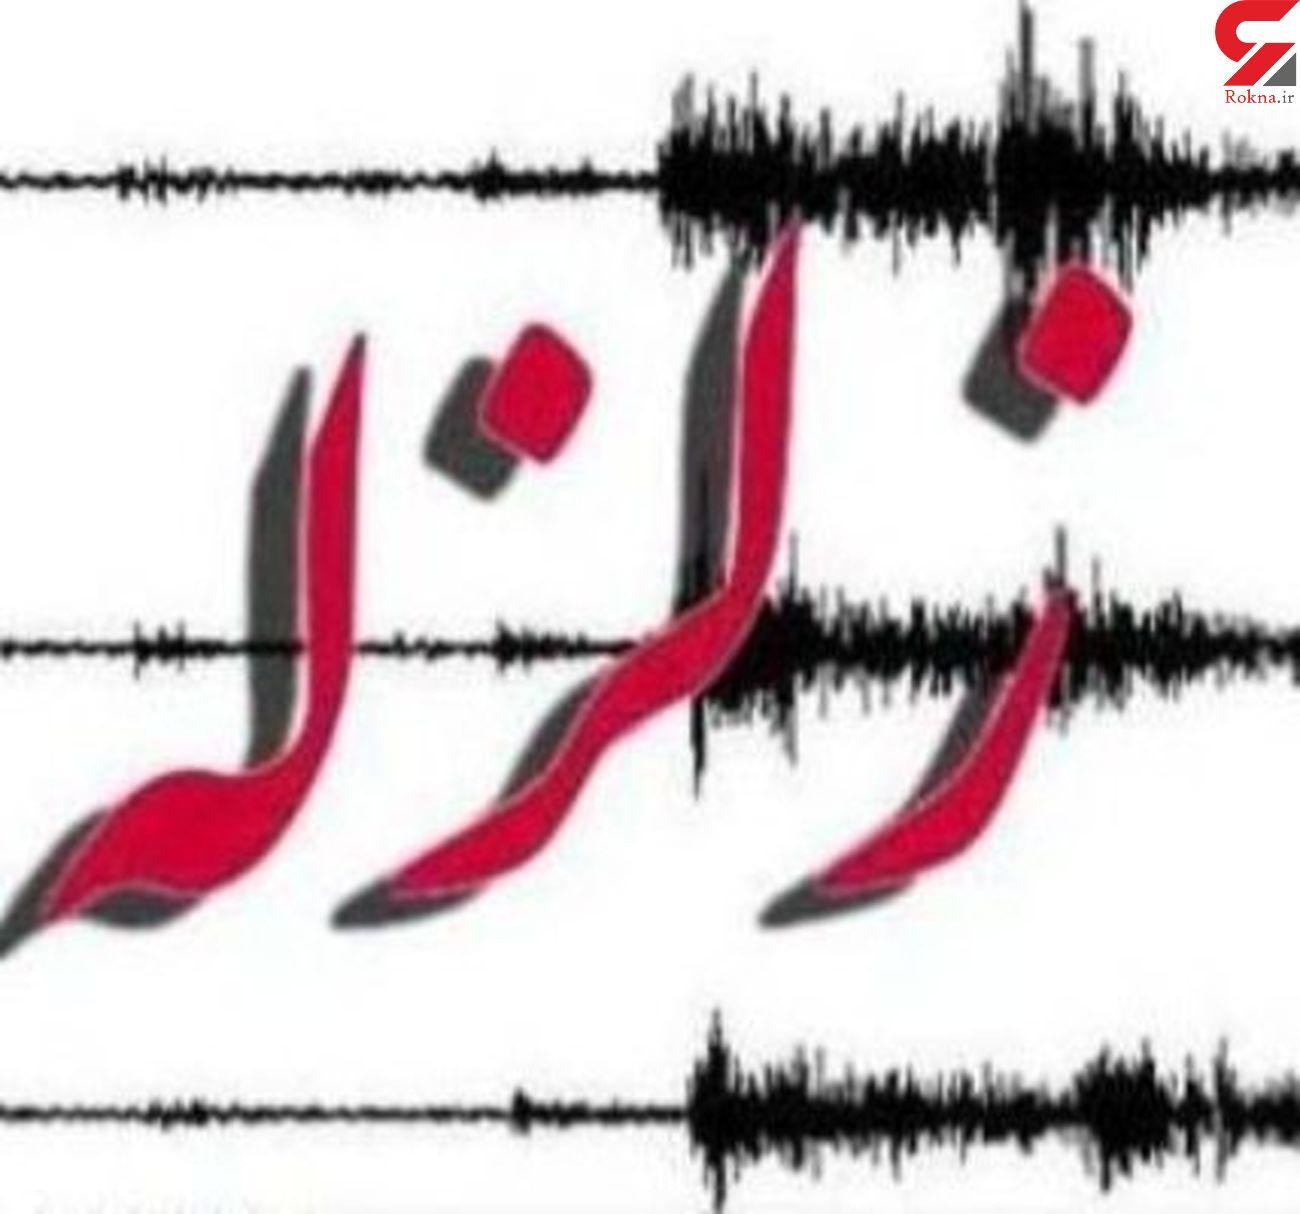 اماده باش در مناطق زلزله زده توتکابن